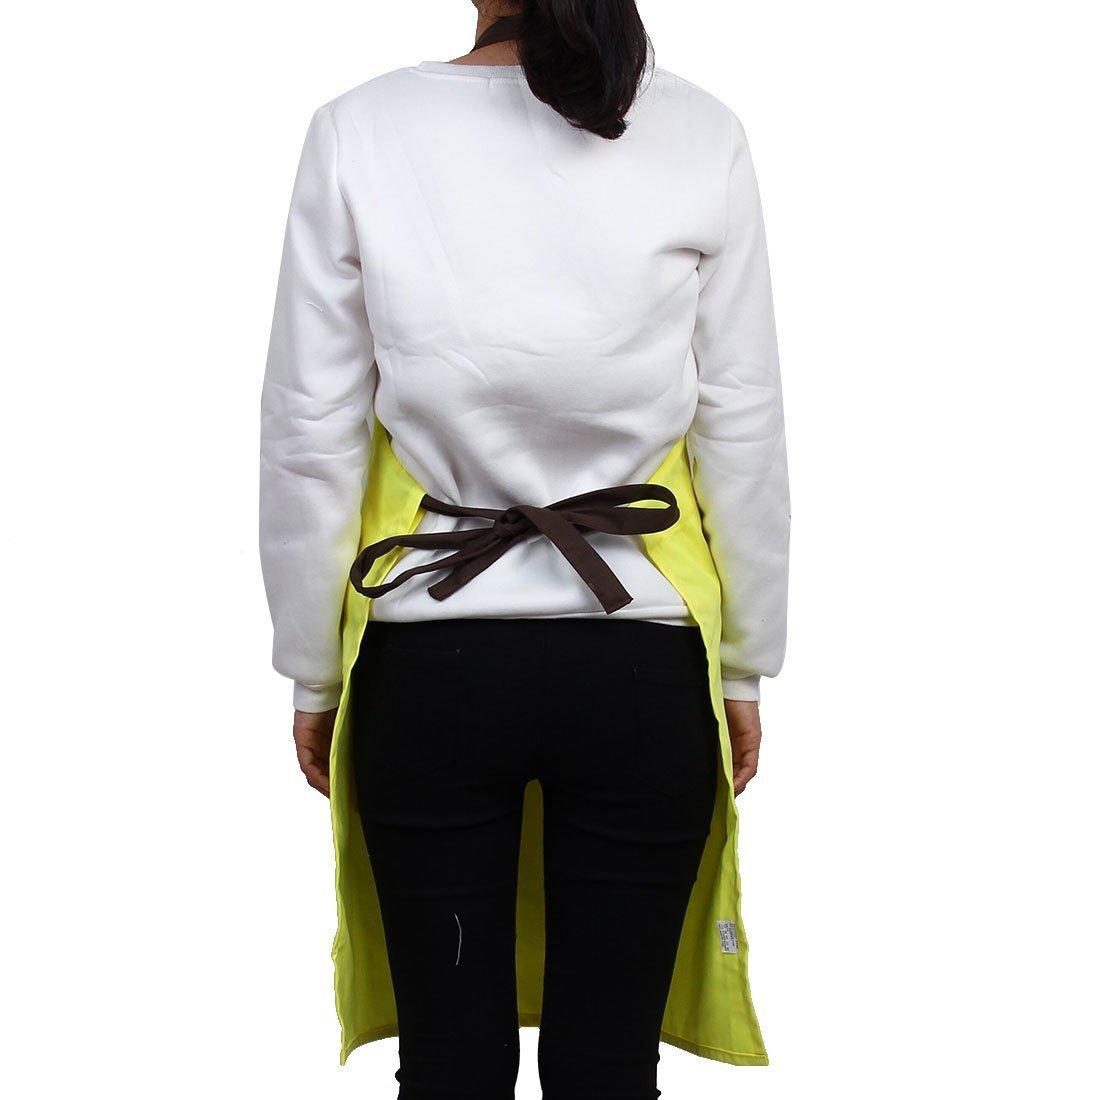 Amazon.com: Modelo de mariposa eDealMax Cocina Frente remiendo del bolsillo de cocción ajustable delantal del babero amarillo: Kitchen & Dining